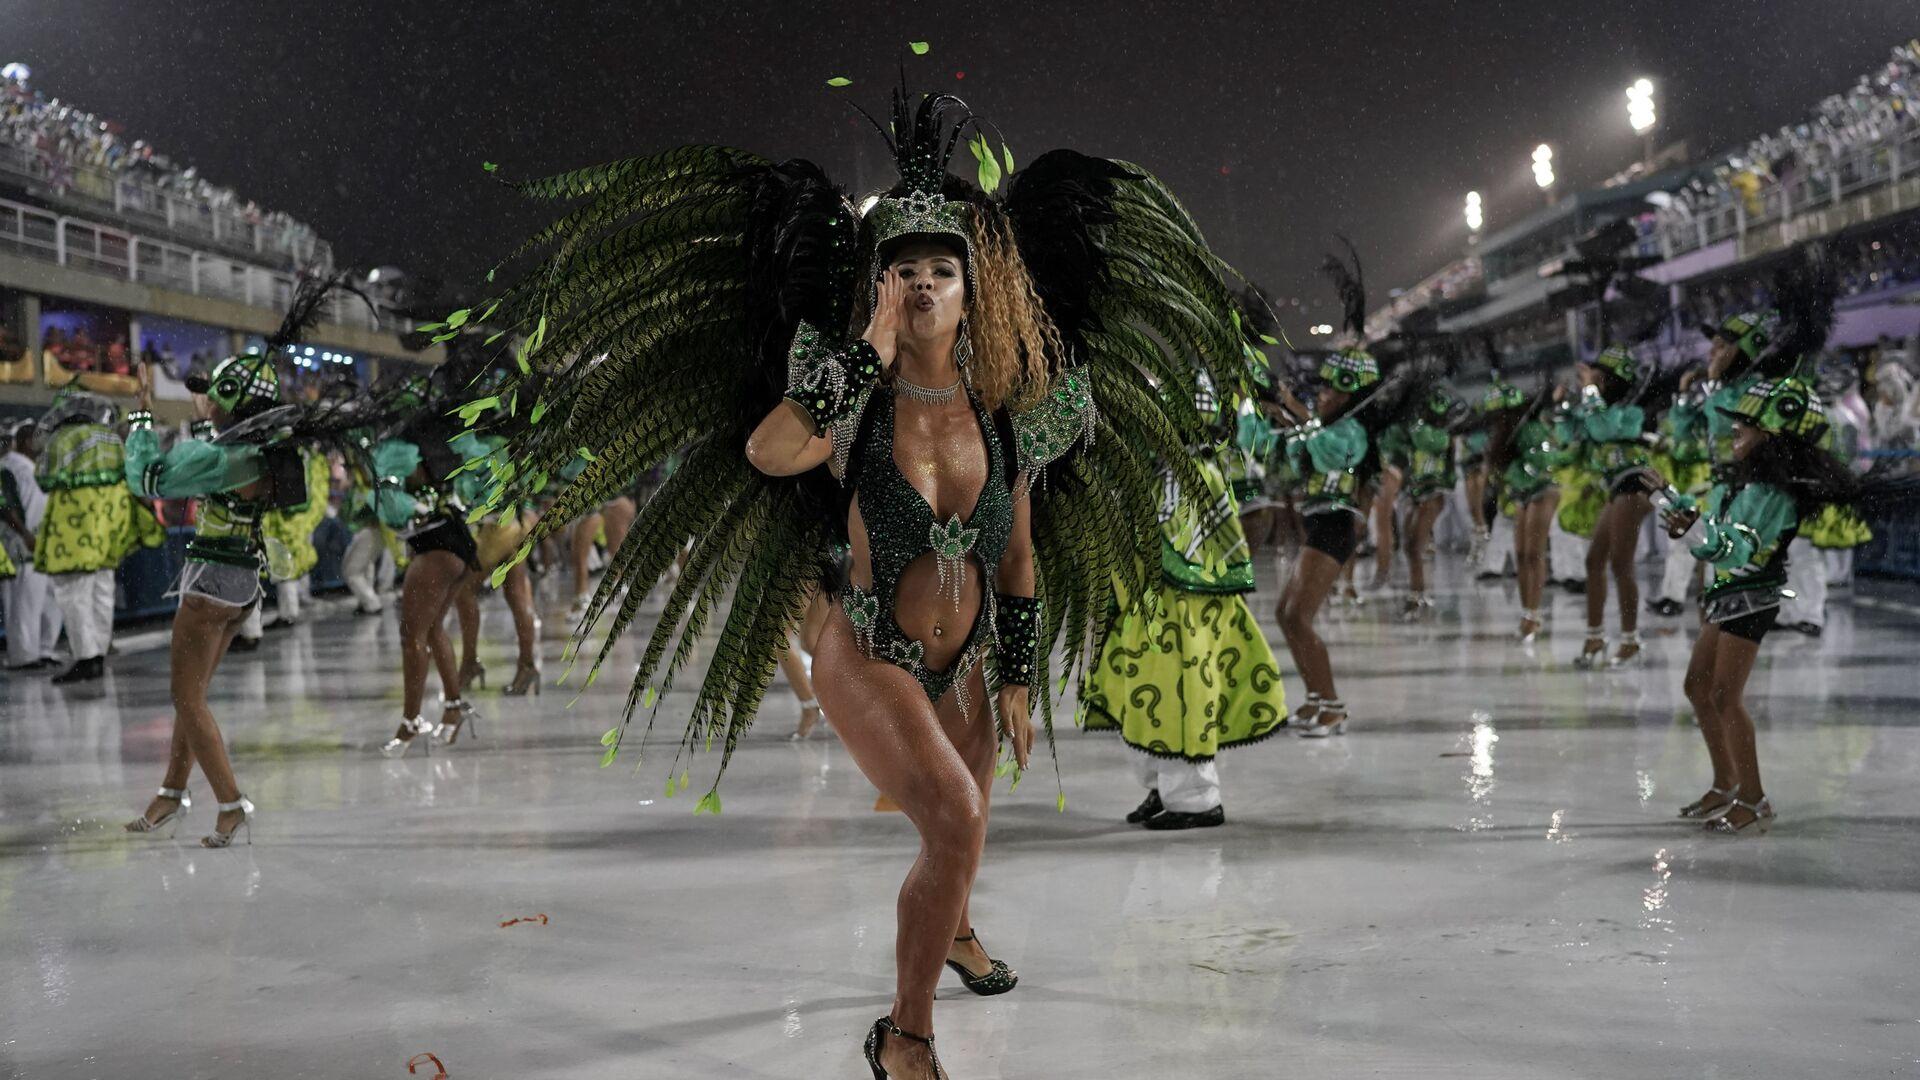 1551526911 0:160:3072:1888 1920x0 80 0 0 99c68083156ef4c7643779f35b9af78a - Ежегодный карнавал в Рио-де-Жанейро отменили из-за коронавируса